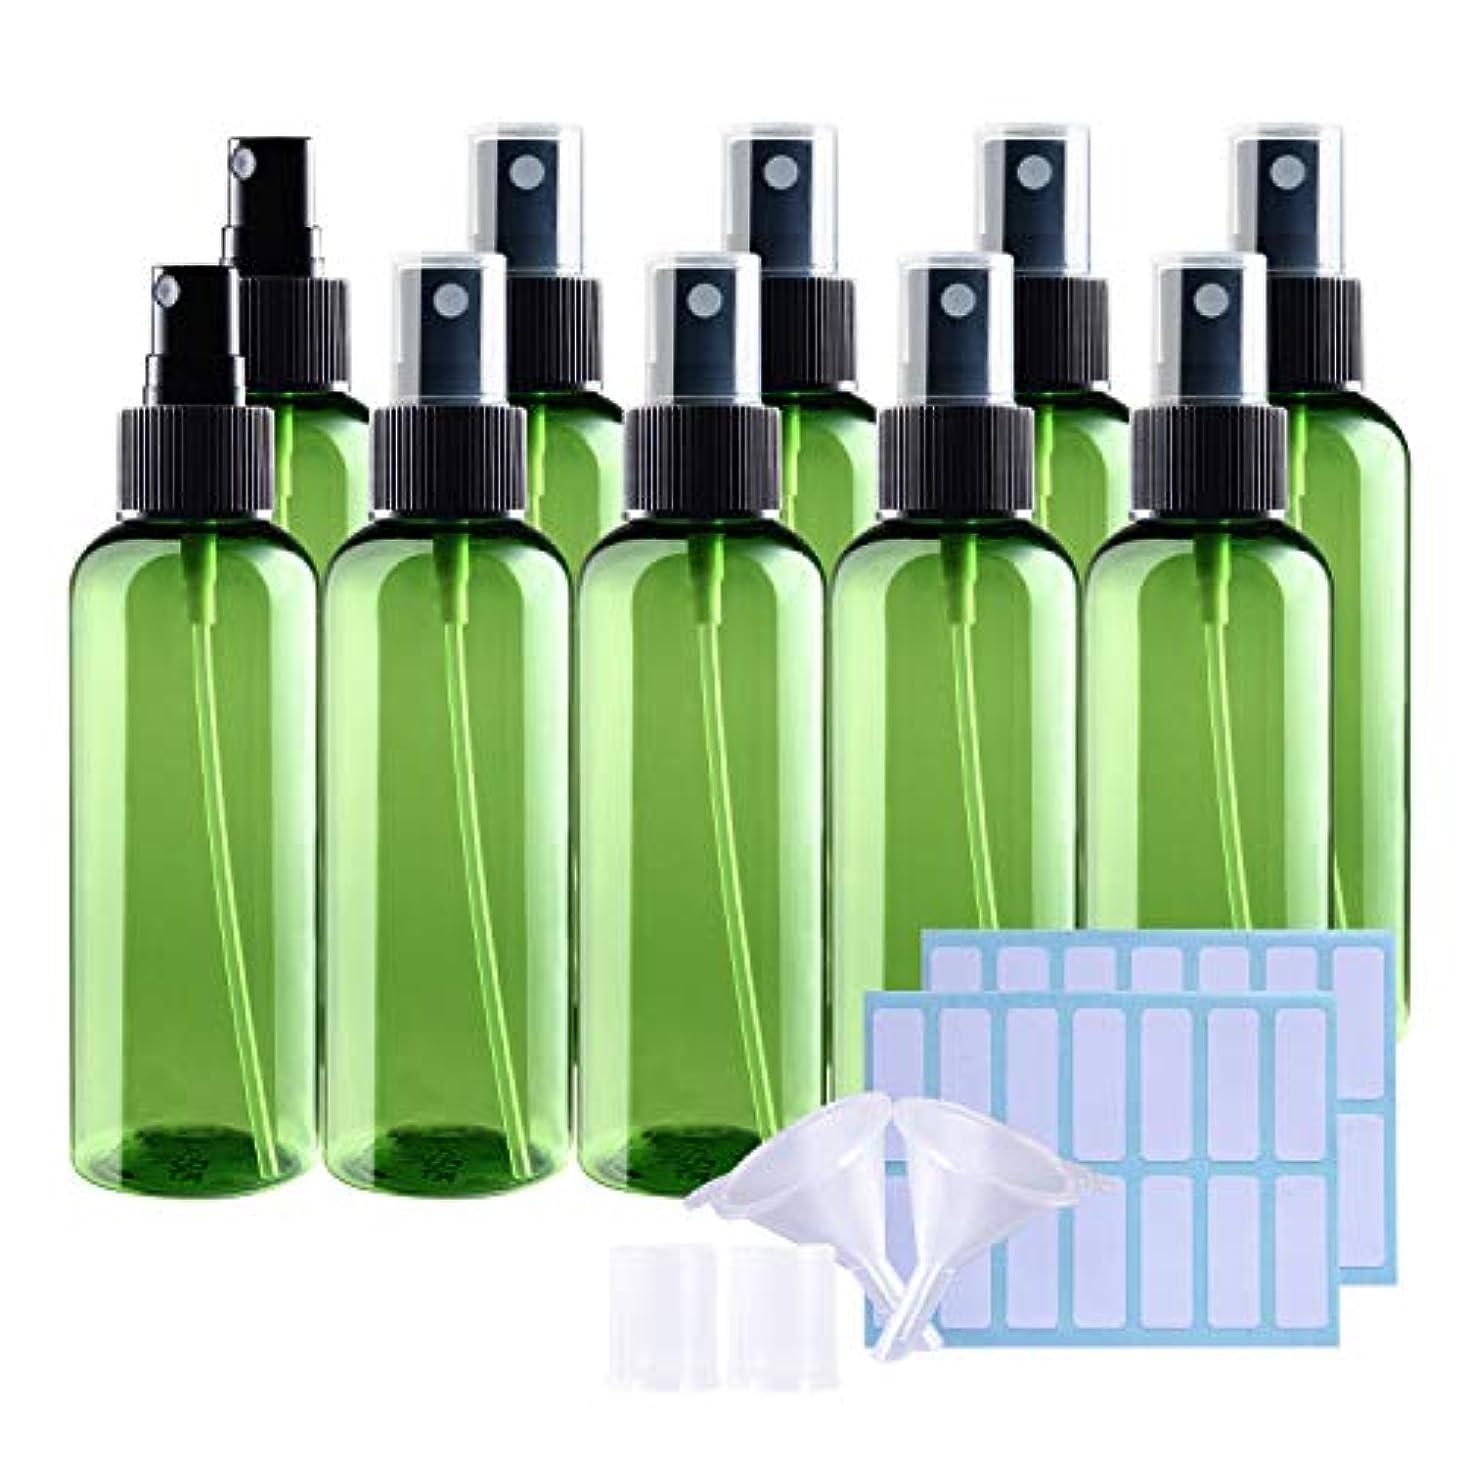 スタジオがっかりするバレーボール100mlスプレーボトル 10個セット遮光瓶 小分けボトル プラスチック容器 液体用空ボトル 押し式詰替用ボトル 詰め替え シャンプー 化粧品 収納瓶(緑 10本)